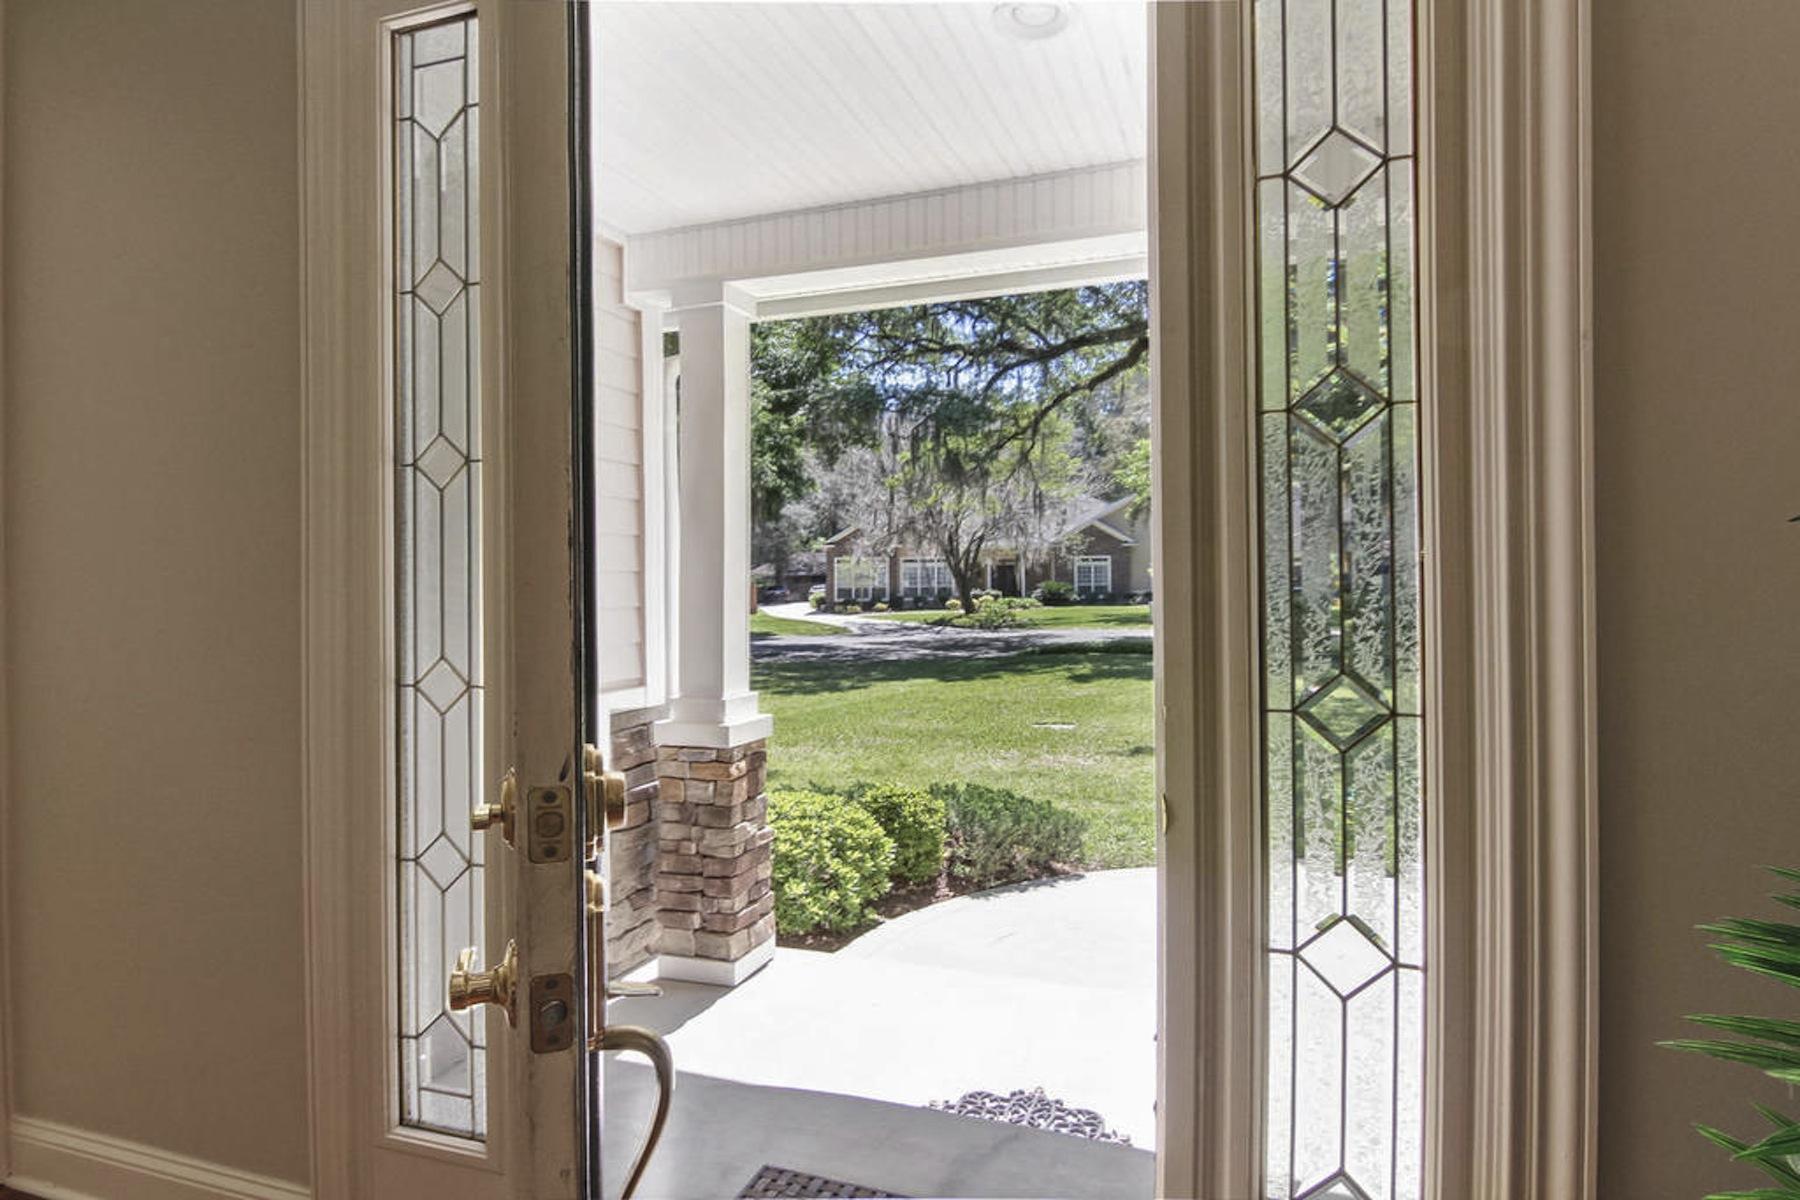 Casa para uma família para Venda às Ravine Views 1015 Ravine Ter St. Johns, Florida, 32259 Estados Unidos